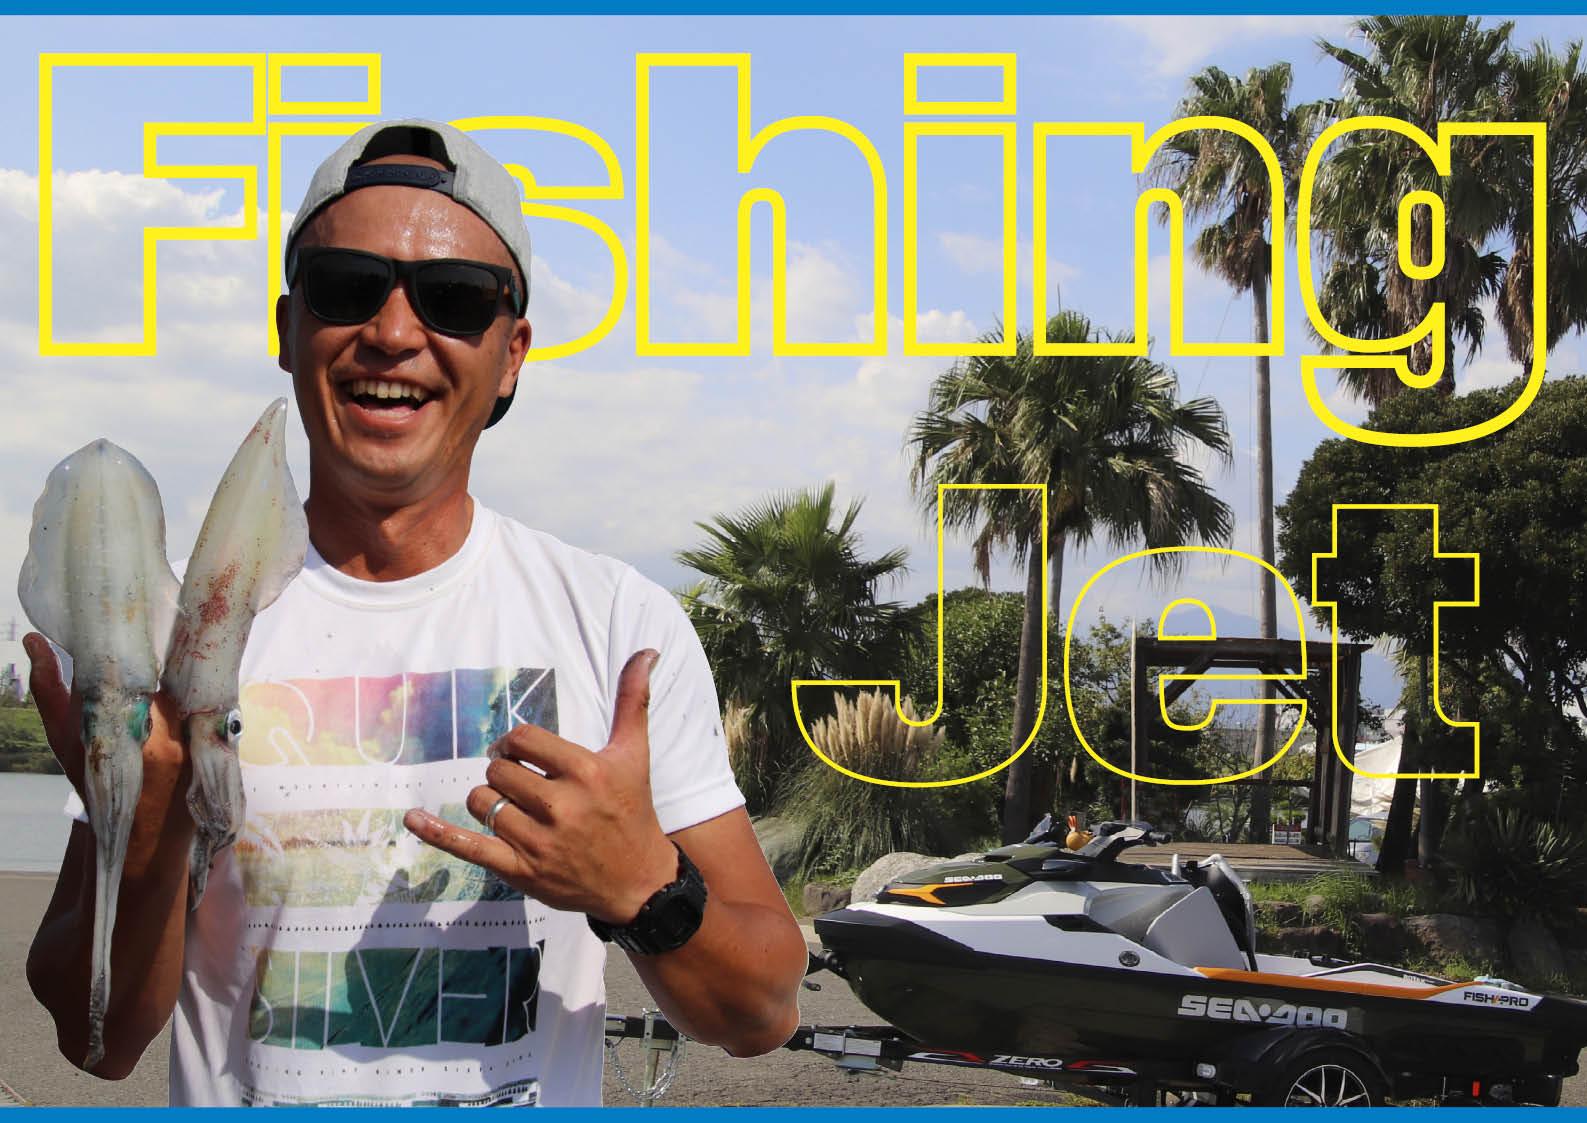 ジェットスキー(水上バイク)でイカを釣る